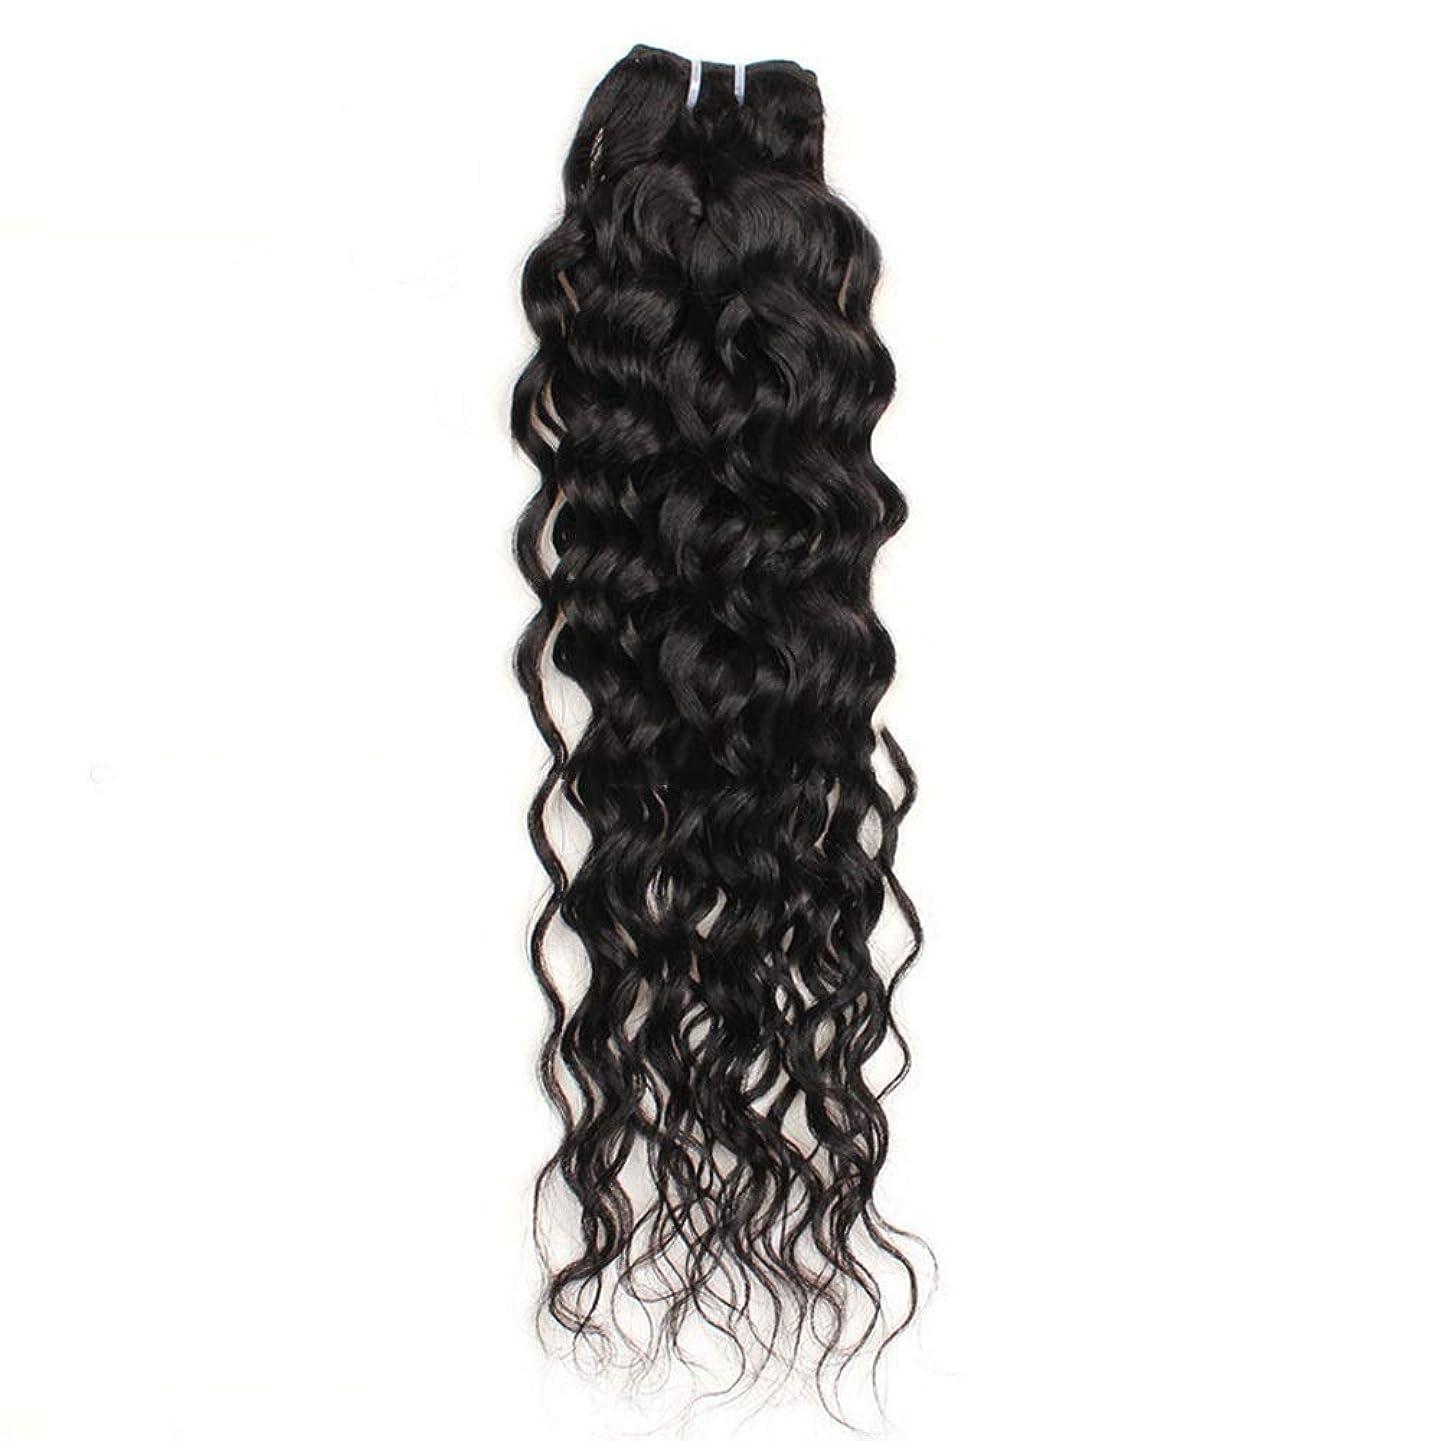 熟考する糞間違えたBOBIDYEE 10インチ-26インチブラジルリアル人間の髪の毛7Aウォーターウェーブヘアエクステンションナチュラルカラー100g /バンドル合成ヘアレースかつらロールプレイングかつら長くて短い女性自然 (色 : 黒, サイズ : 22 inch)